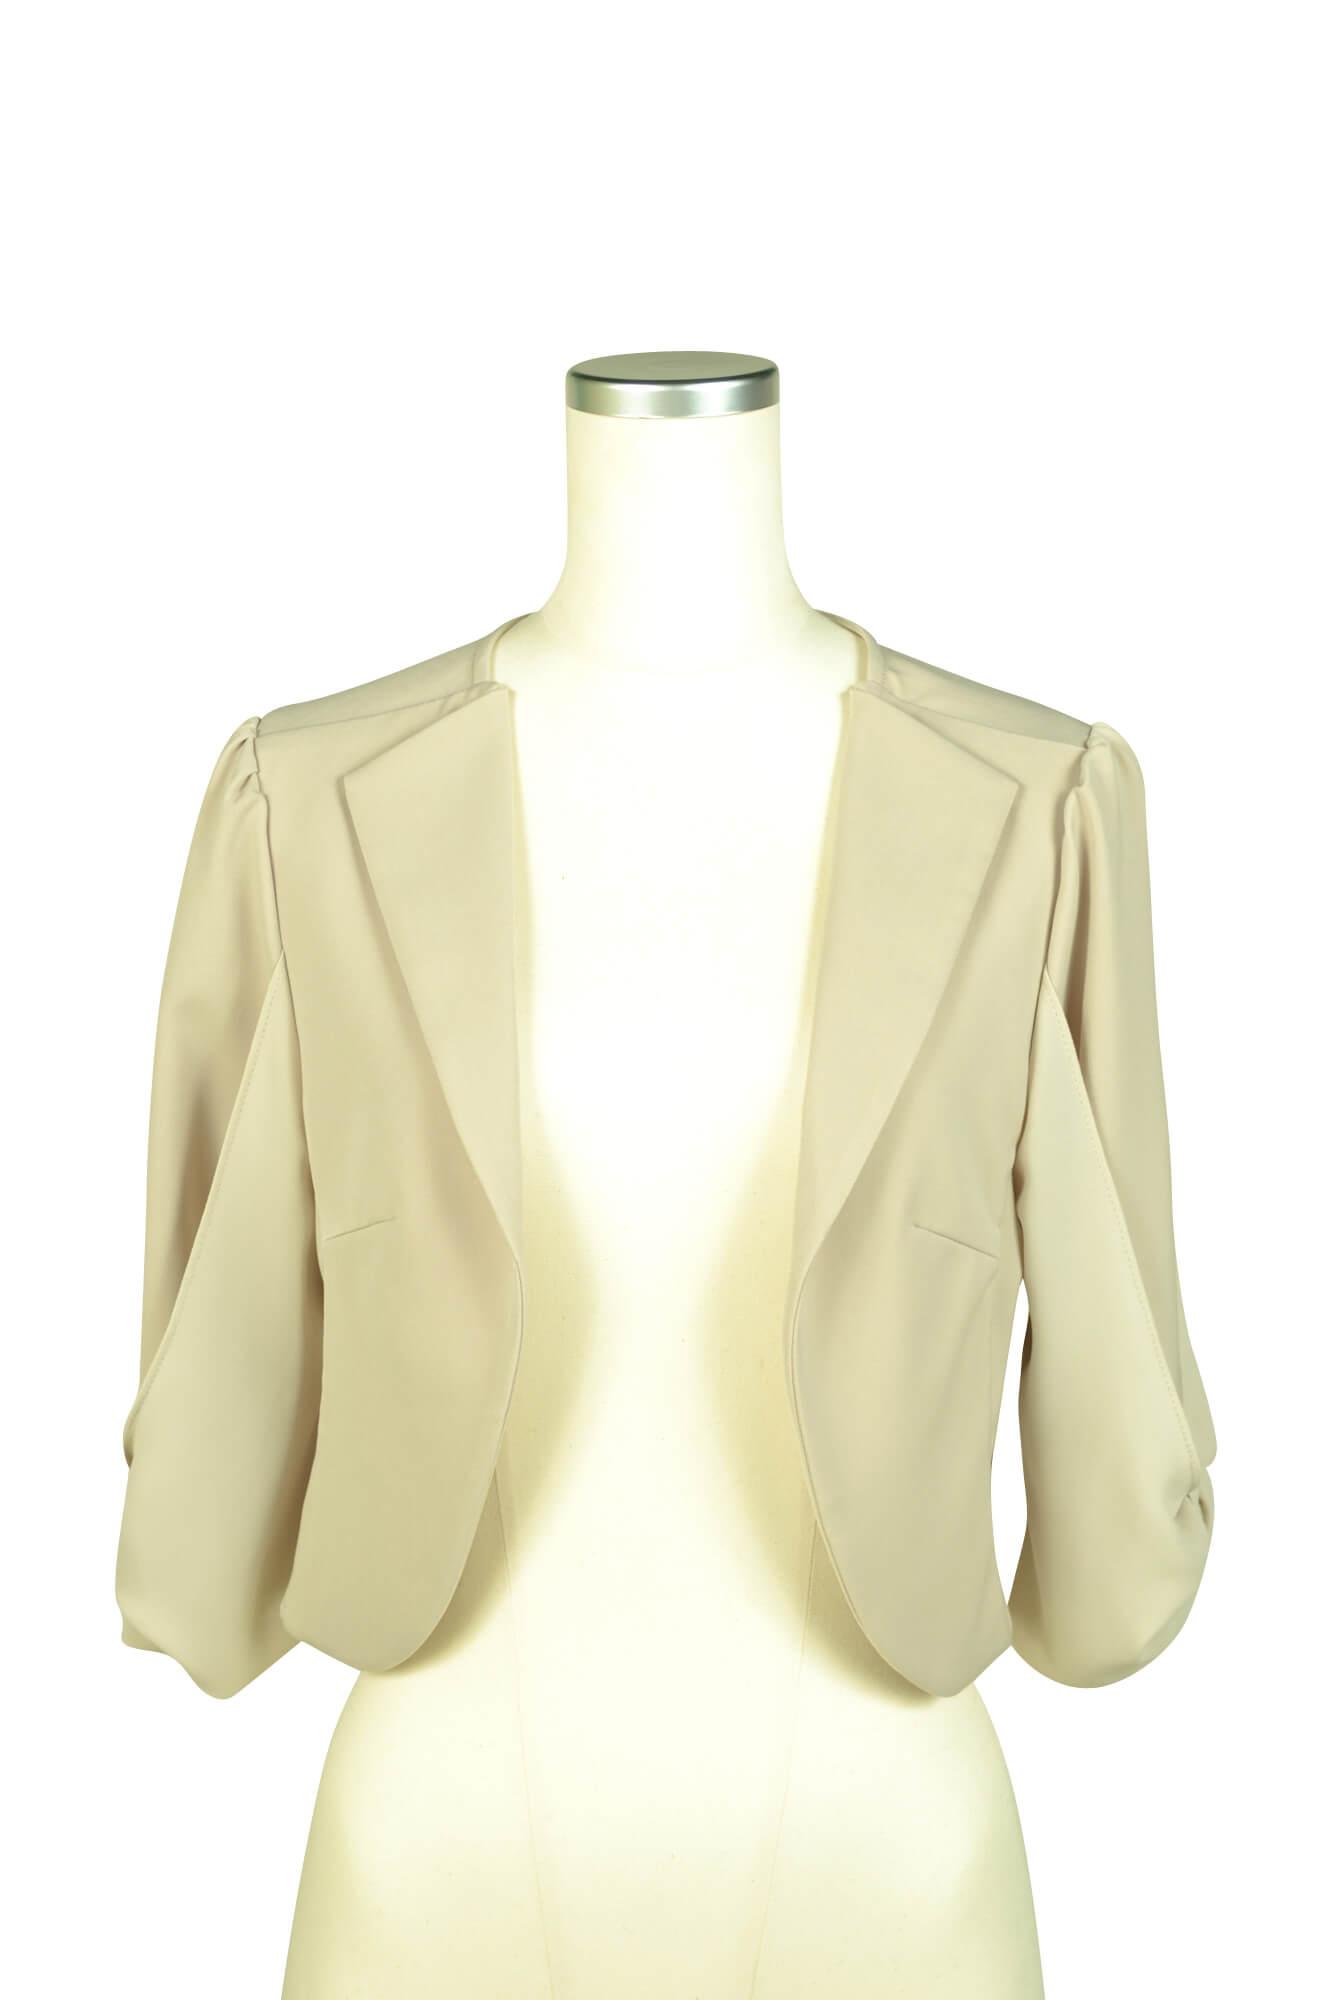 ミベル ミューズ (mebelle muse)袖リボン5分袖ベージュジャケット